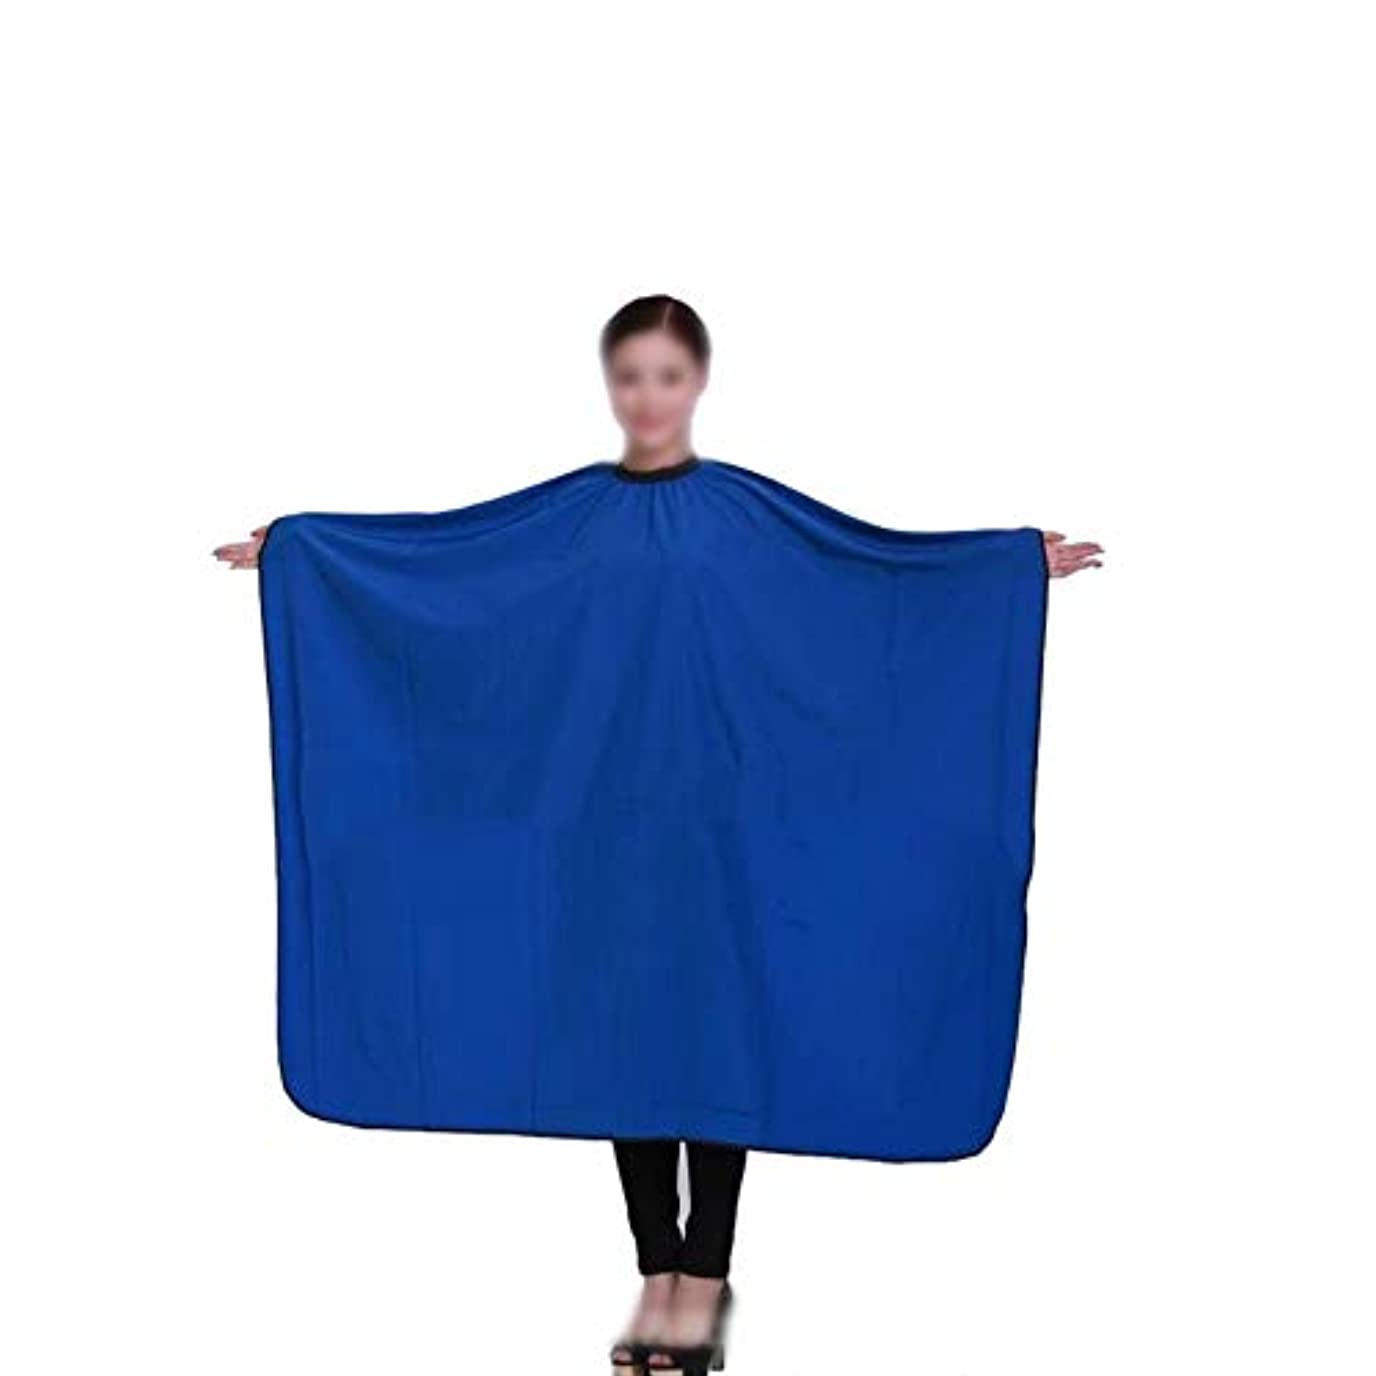 わずらわしいスリーブ重力Lucy Day サロンヘアカットエプロンヘアカット防水布ブルースタイリングケープサロン布